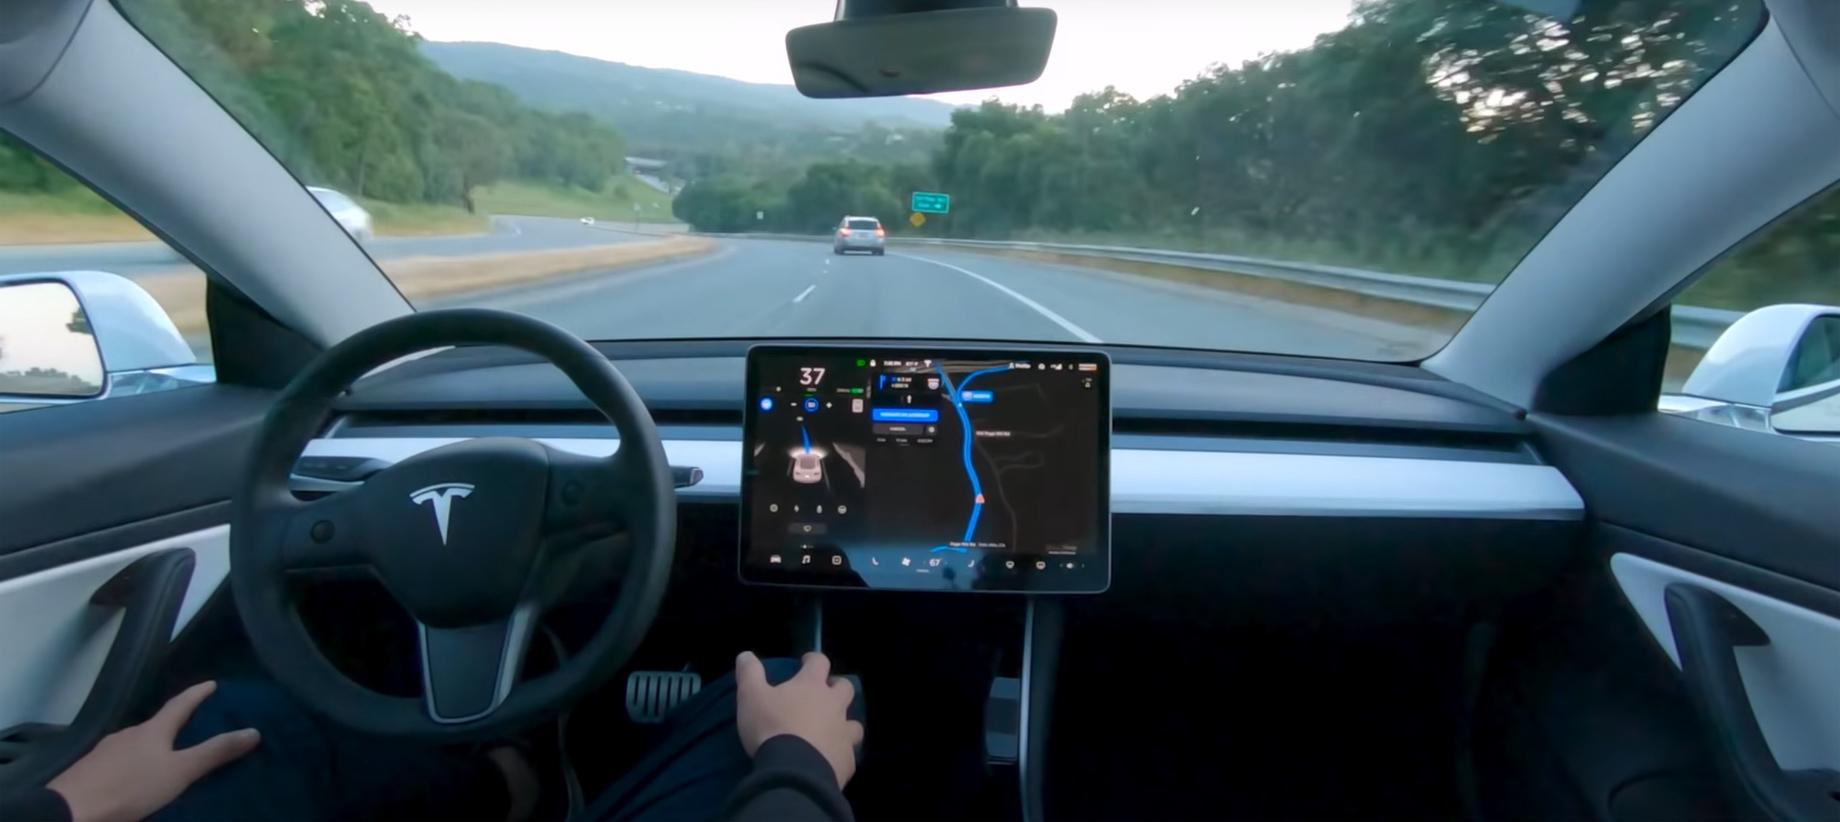 Автопілот Tesla FSD буде доопрацьовано до кінця року